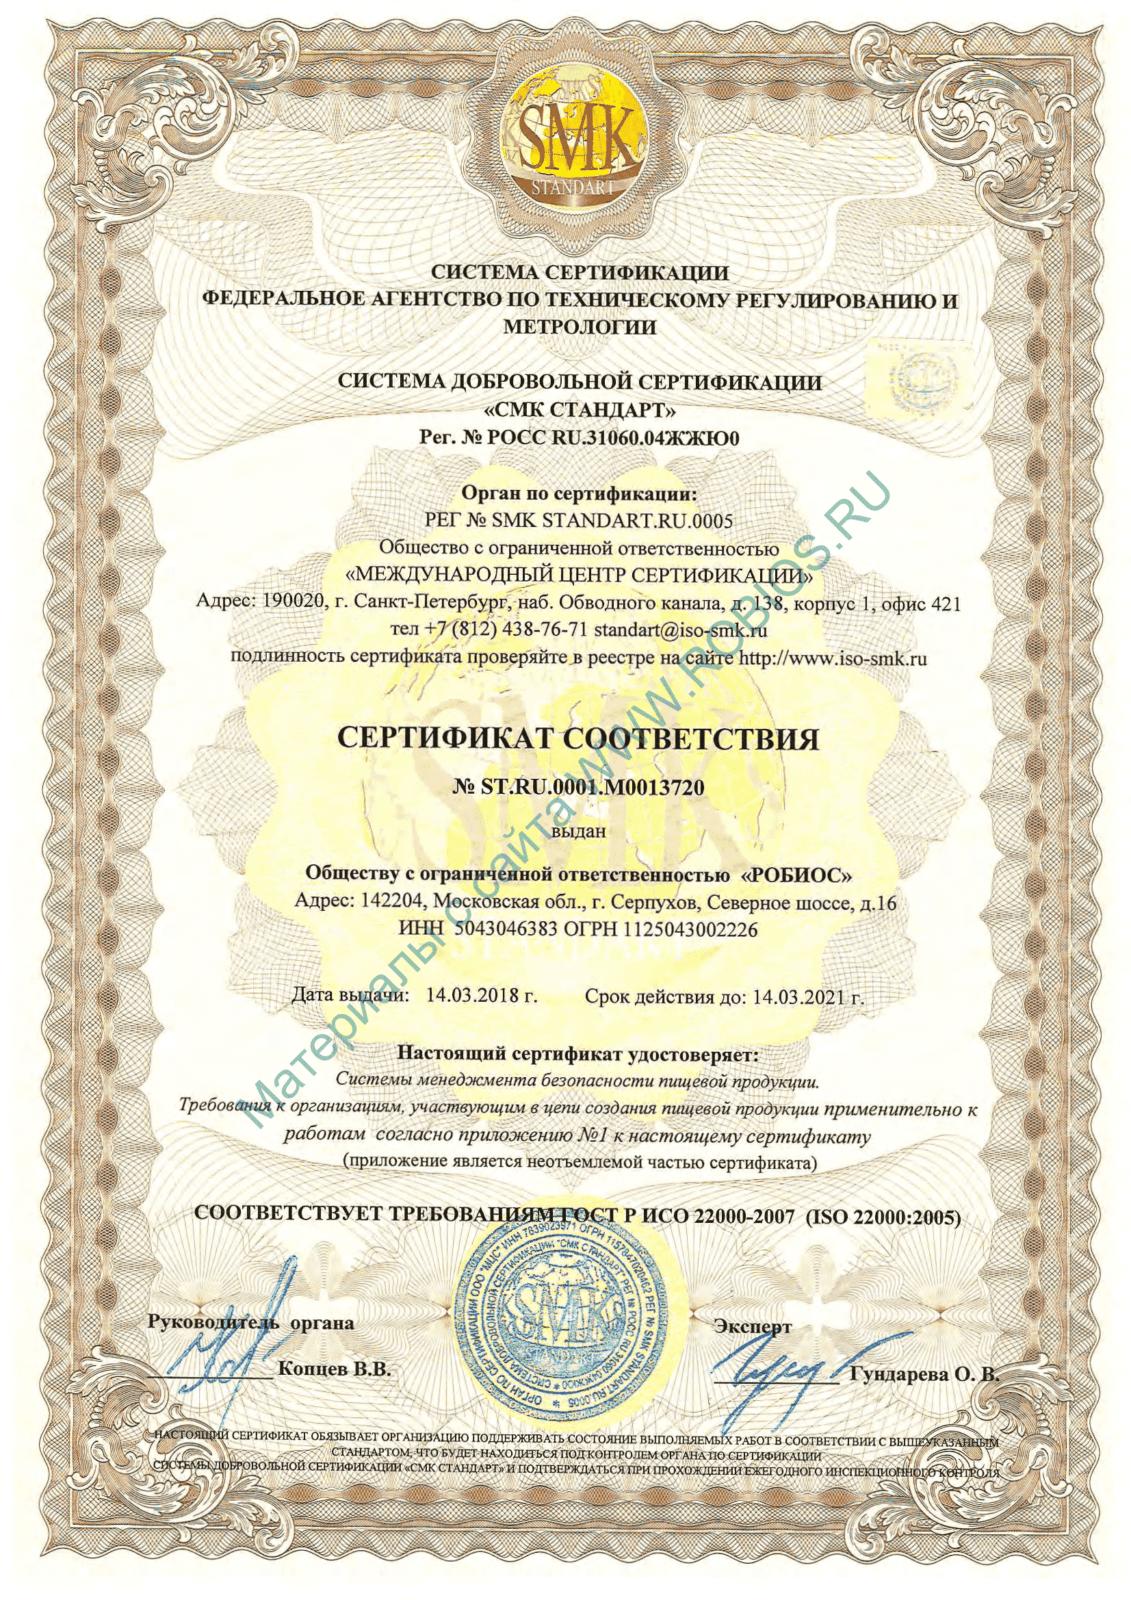 HACCP-22000-2005_robios